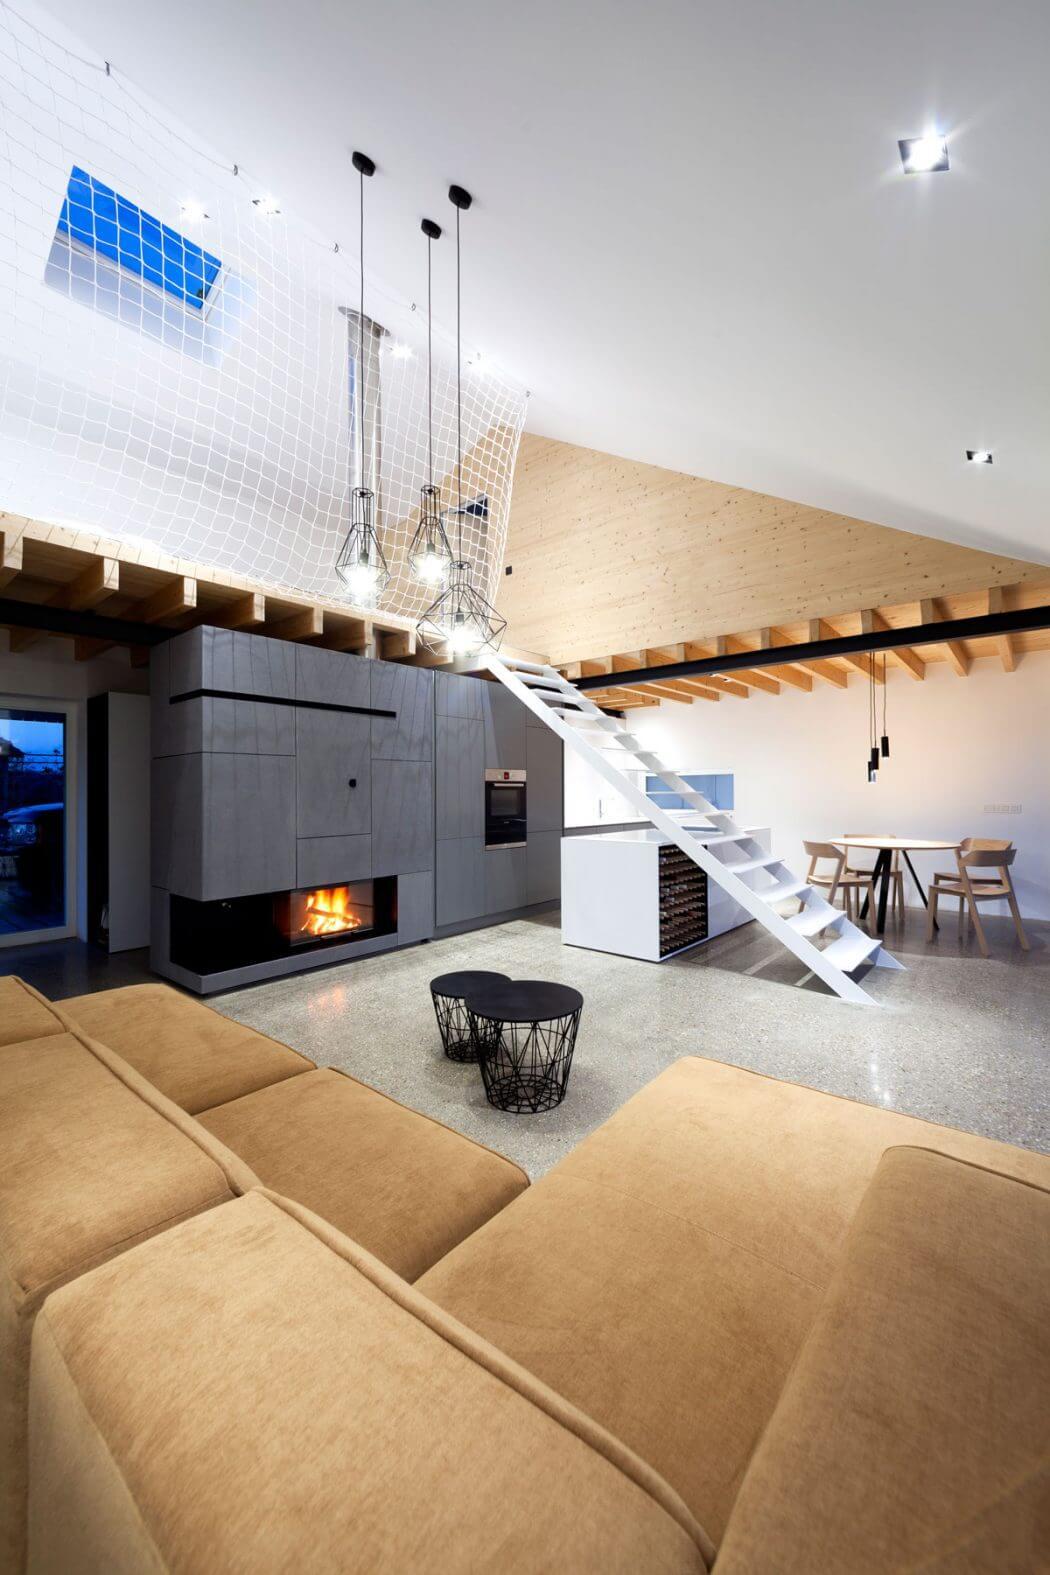 008-residence-vek-ercel-vec-design-1050x1575